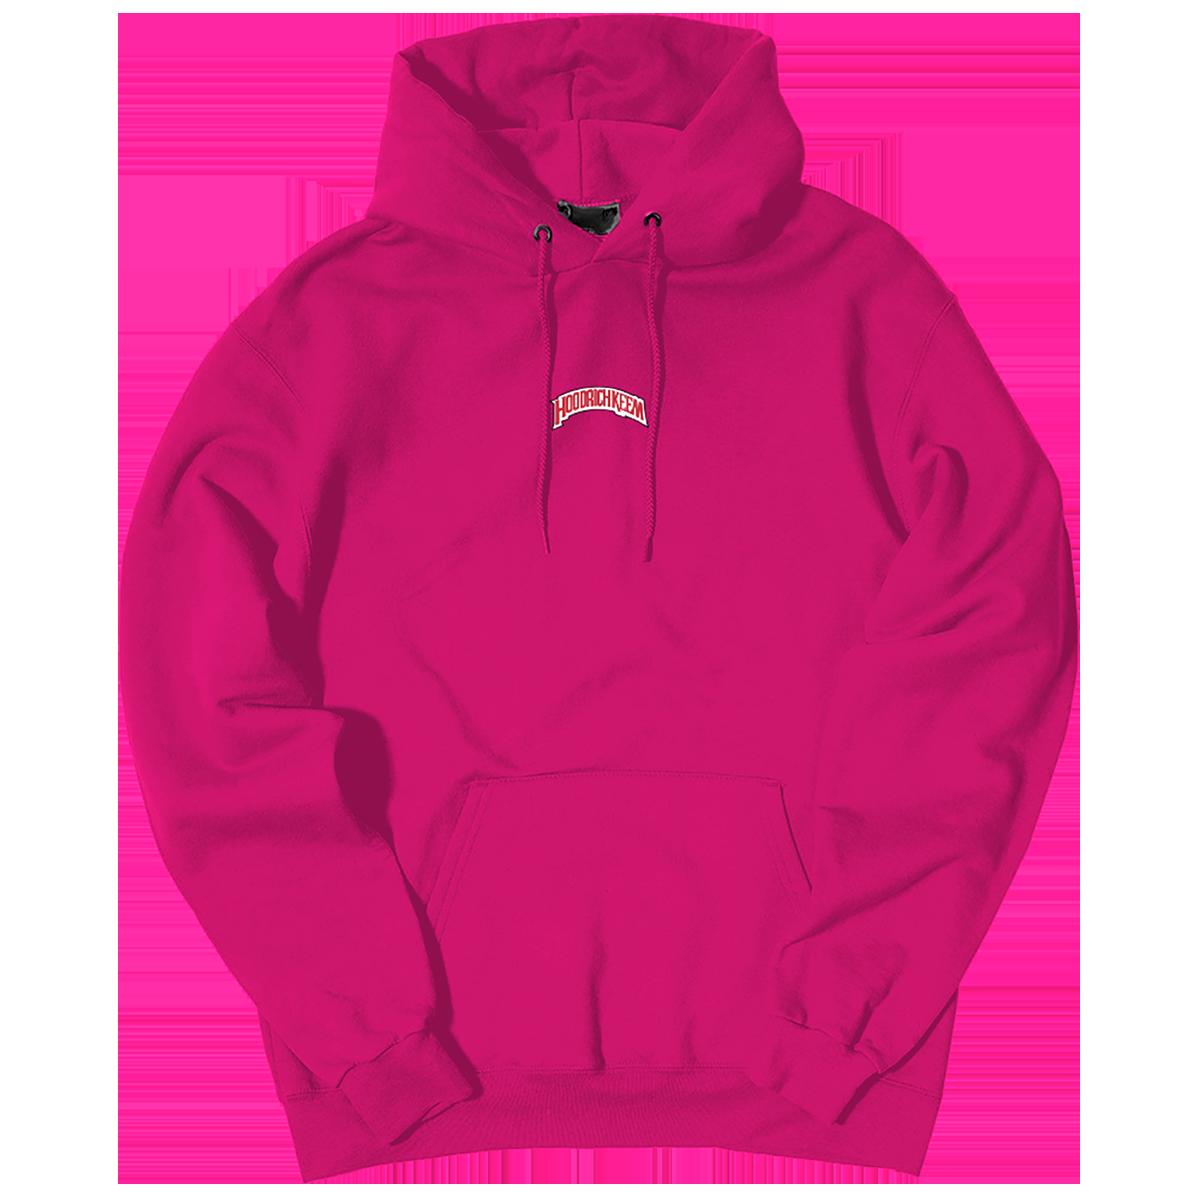 HoodrichKeem Hooded Sweatshirt [Neon Pink]